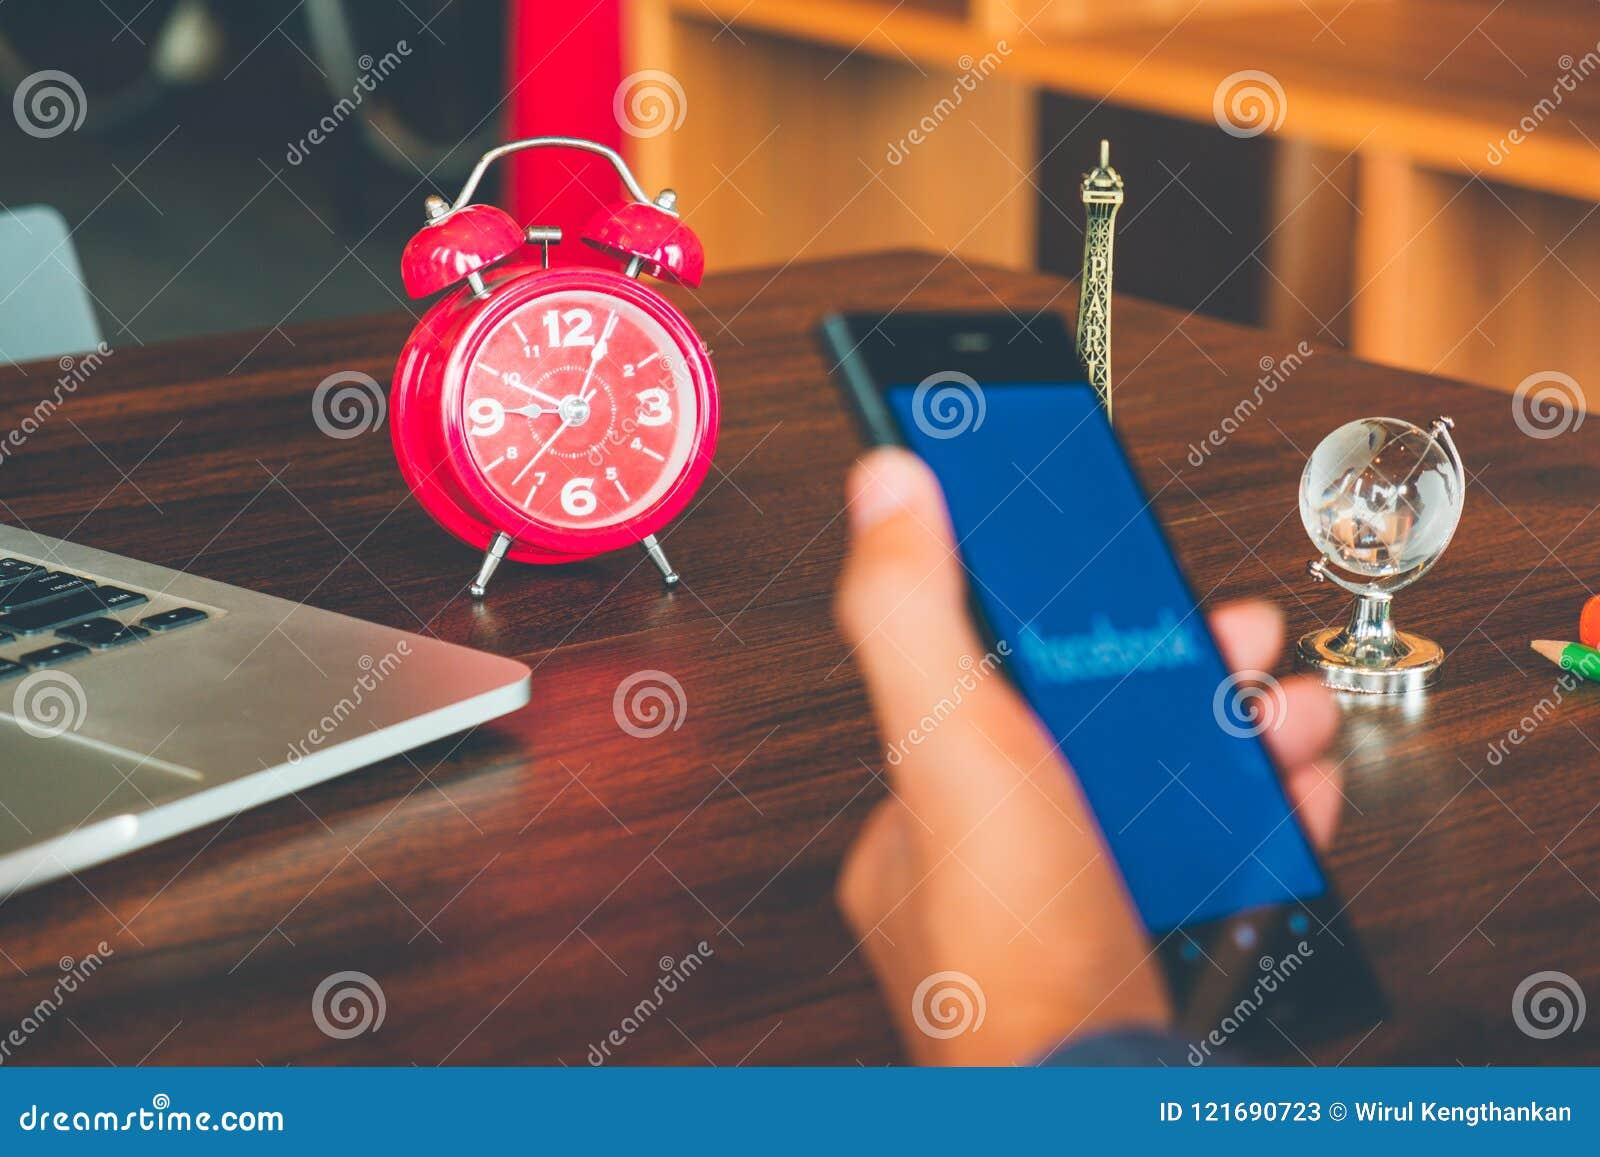 Ogólnospołeczny medialny czasu zarządzania pojęcie, budzik i ręka chwyt,